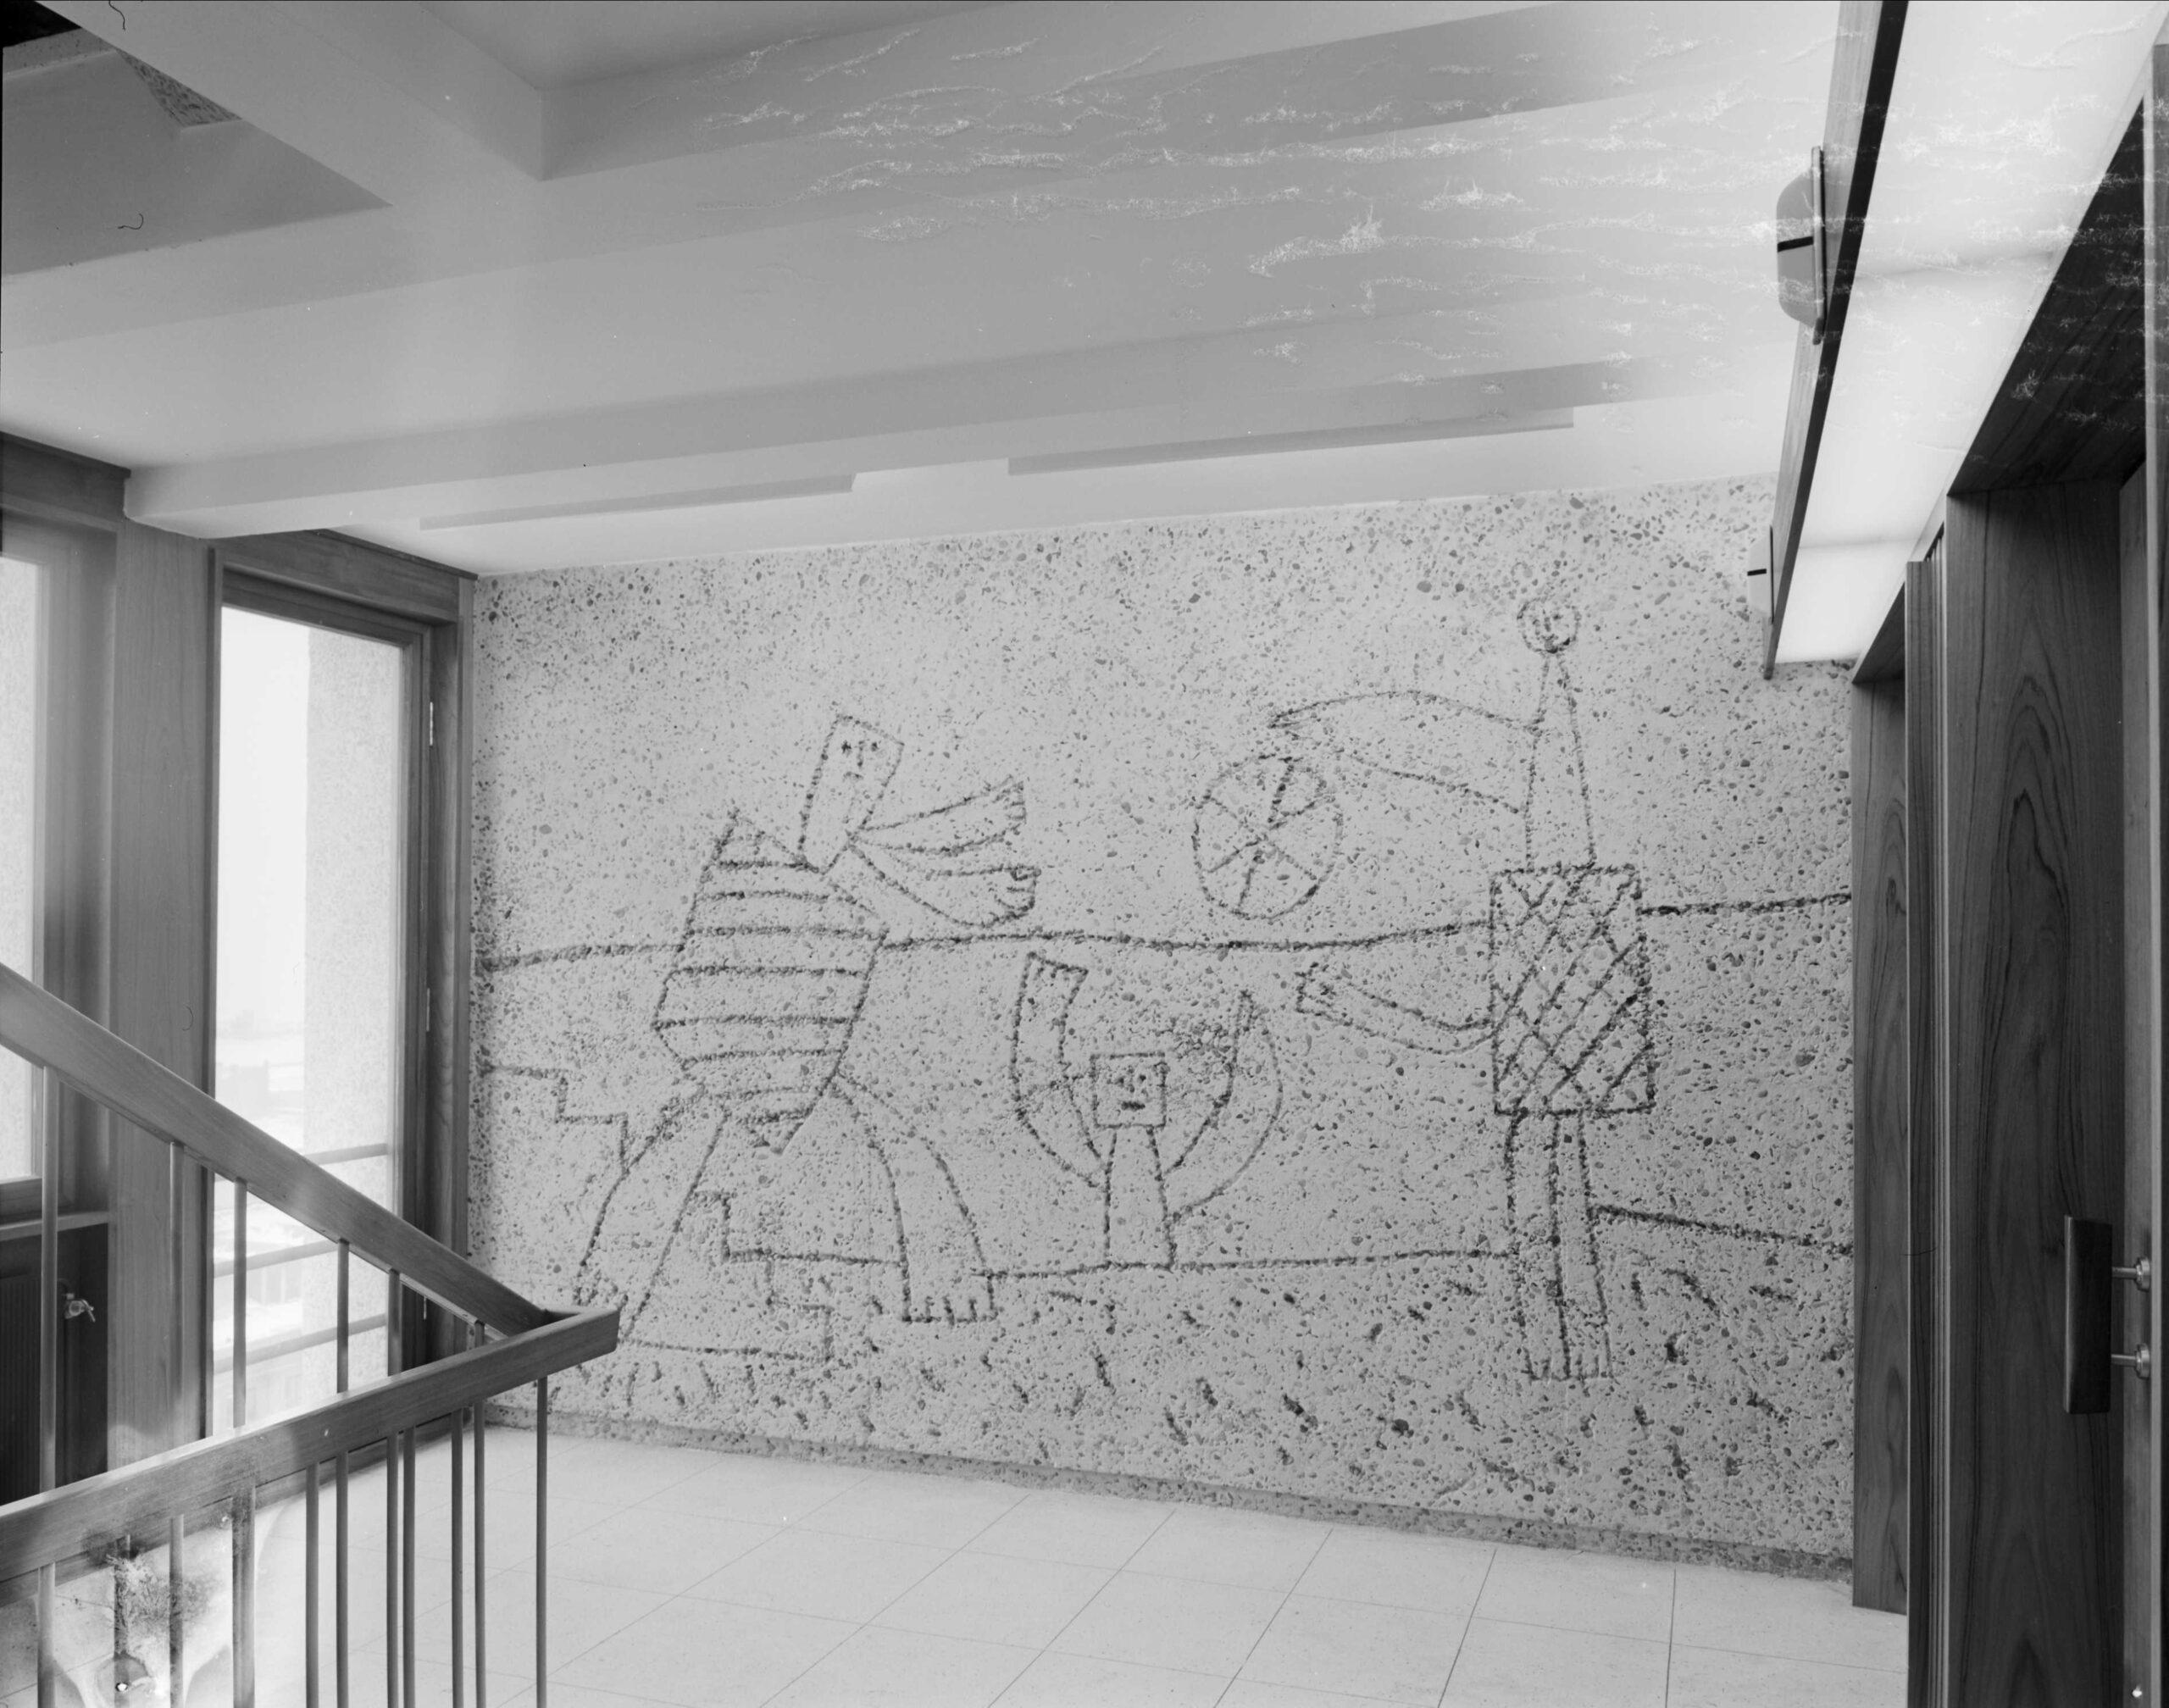 Salvate i (brutti) Picasso di Oslo. Polemiche per la rimozione dei due murales